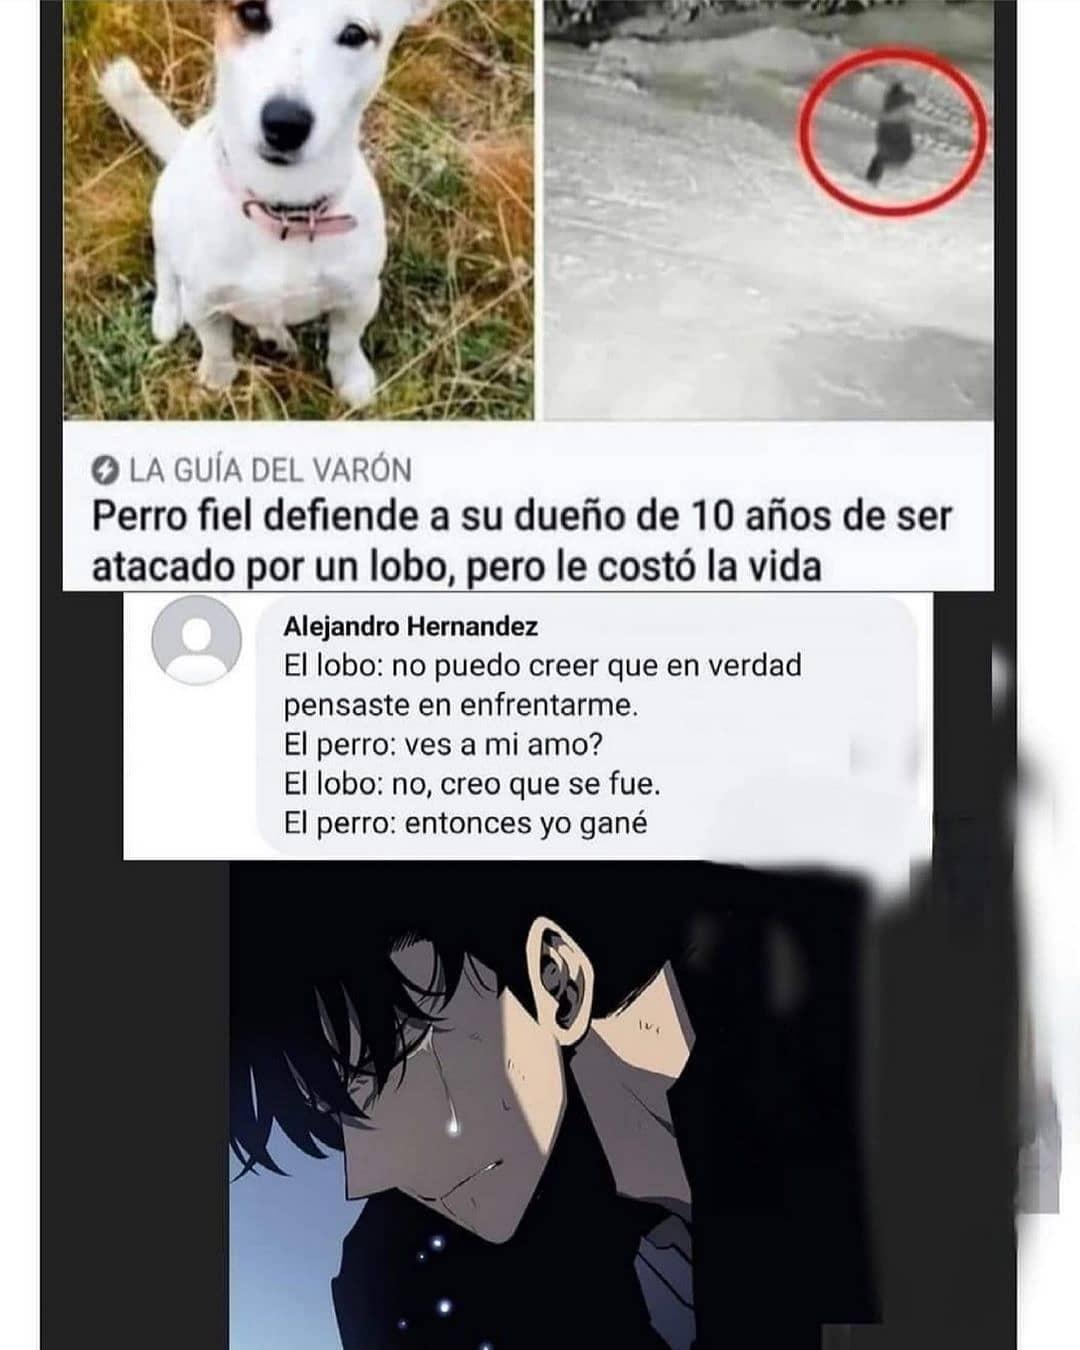 Perro fiel defiende a su dueño de 10 años de ser atacado por un lobo, pero le costó la vida.  El lobo: no puedo creer que en verdad pensaste en enfrentarme.  El perro: ves a mi amo?  El lobo: no, creo que se fue.  El perro: entonces yo gané.